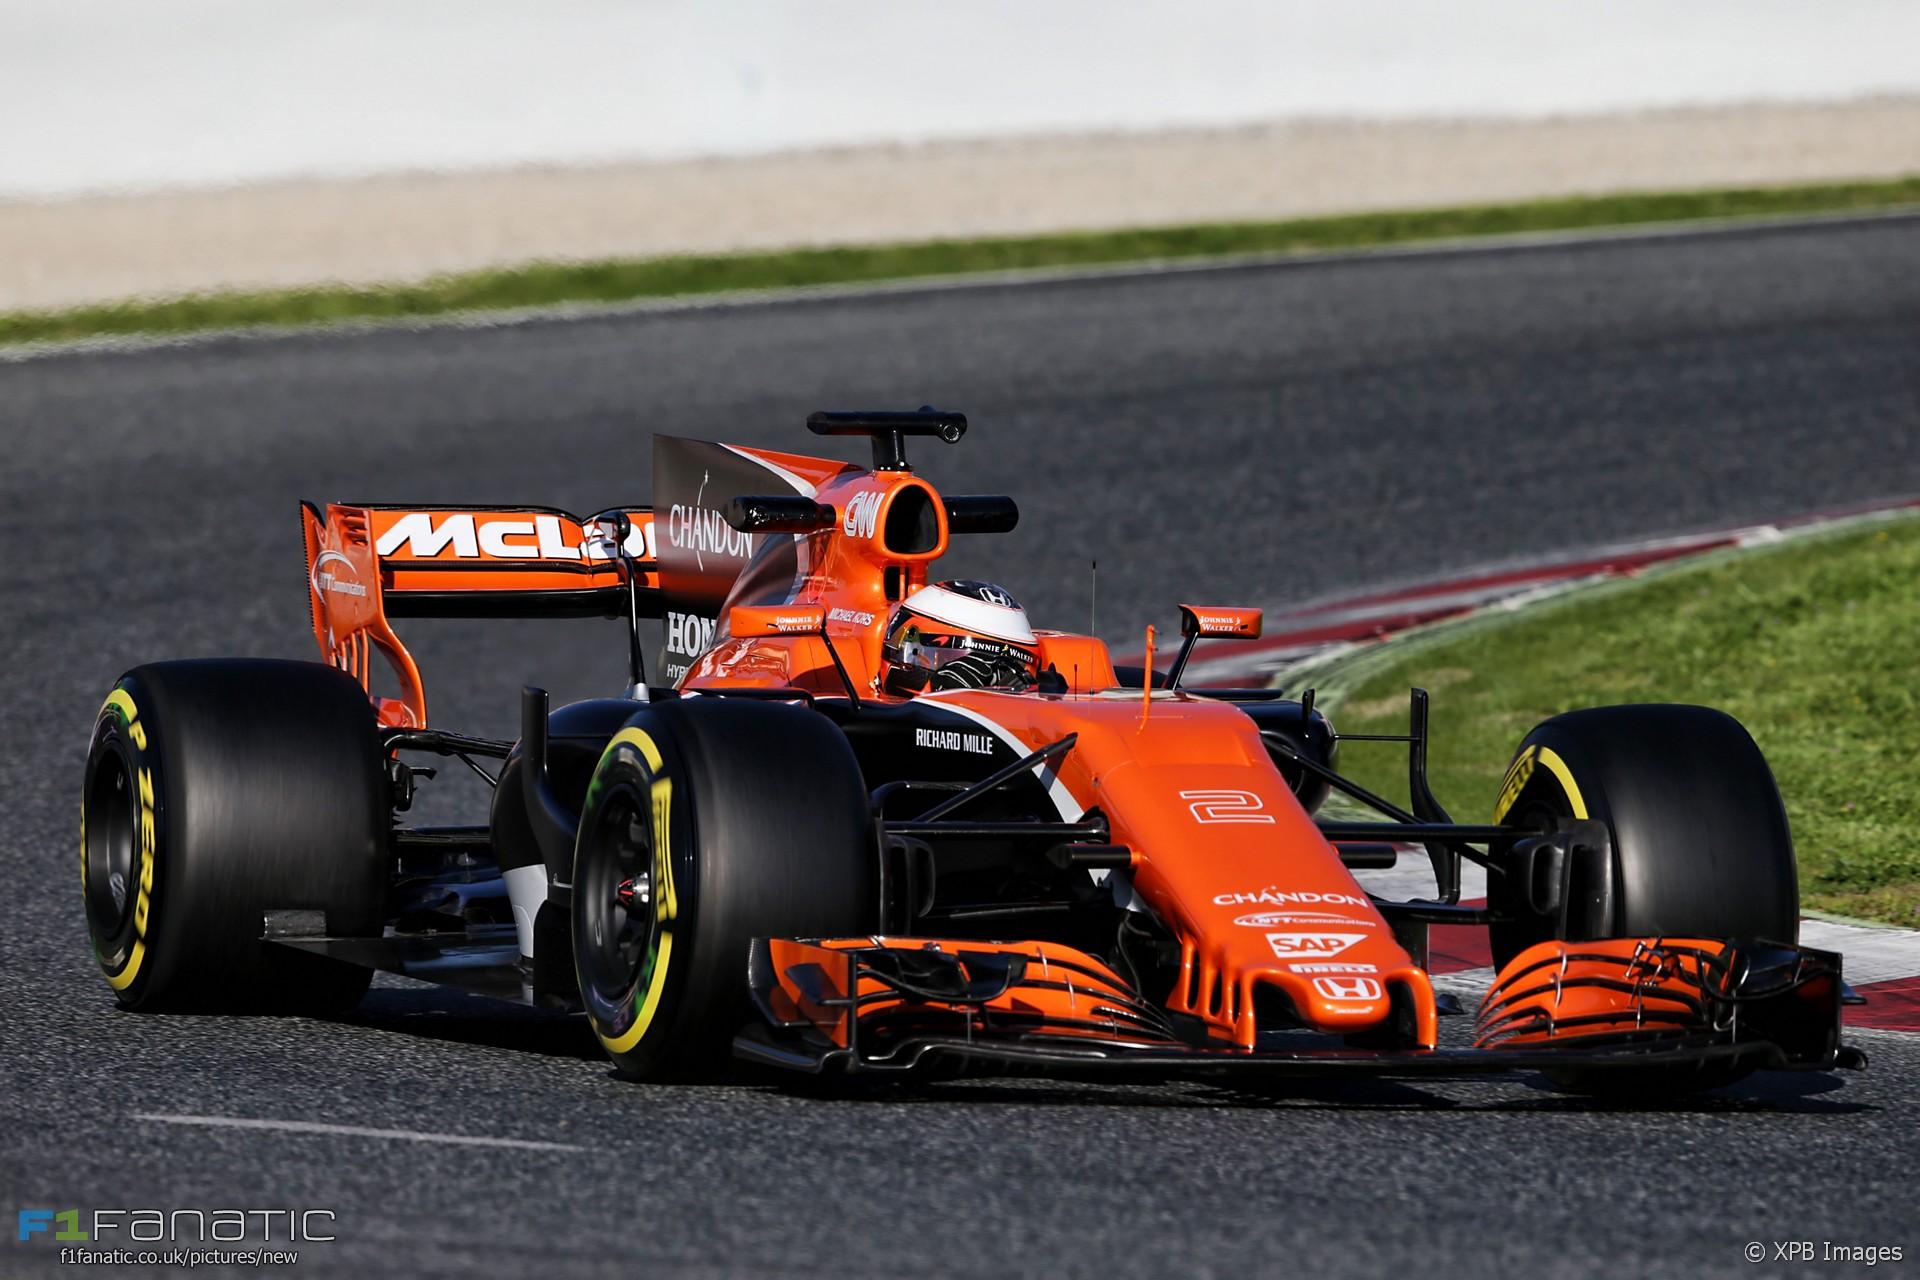 honda problems compromising chassis work - mclaren · racefans